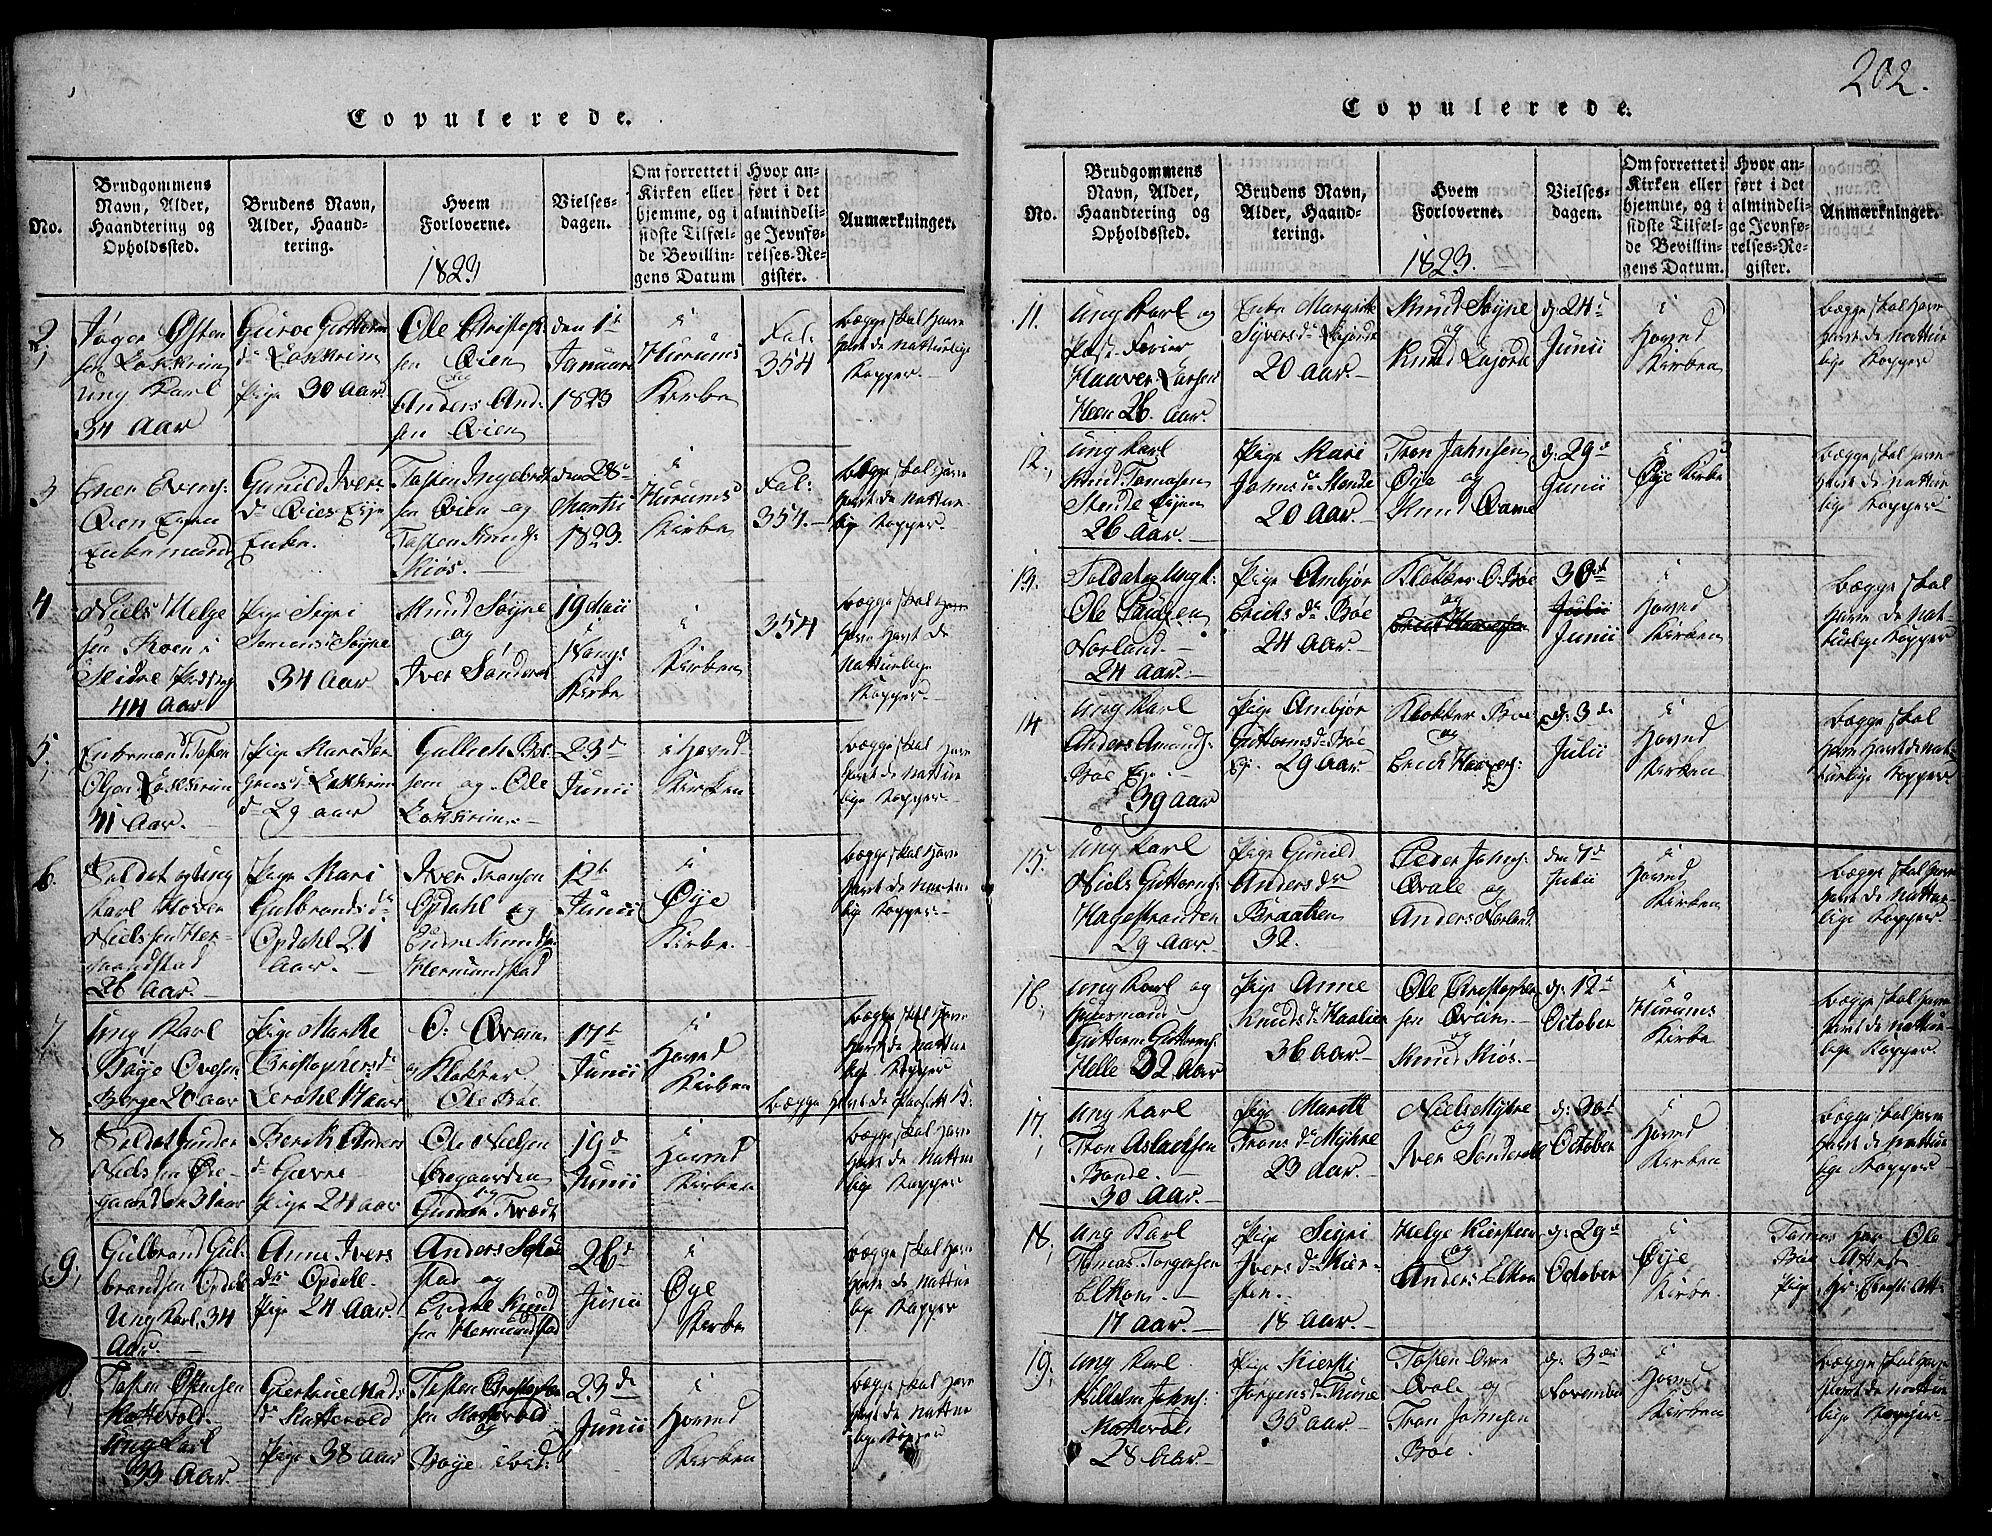 SAH, Vang prestekontor, Valdres, Klokkerbok nr. 2, 1814-1889, s. 202